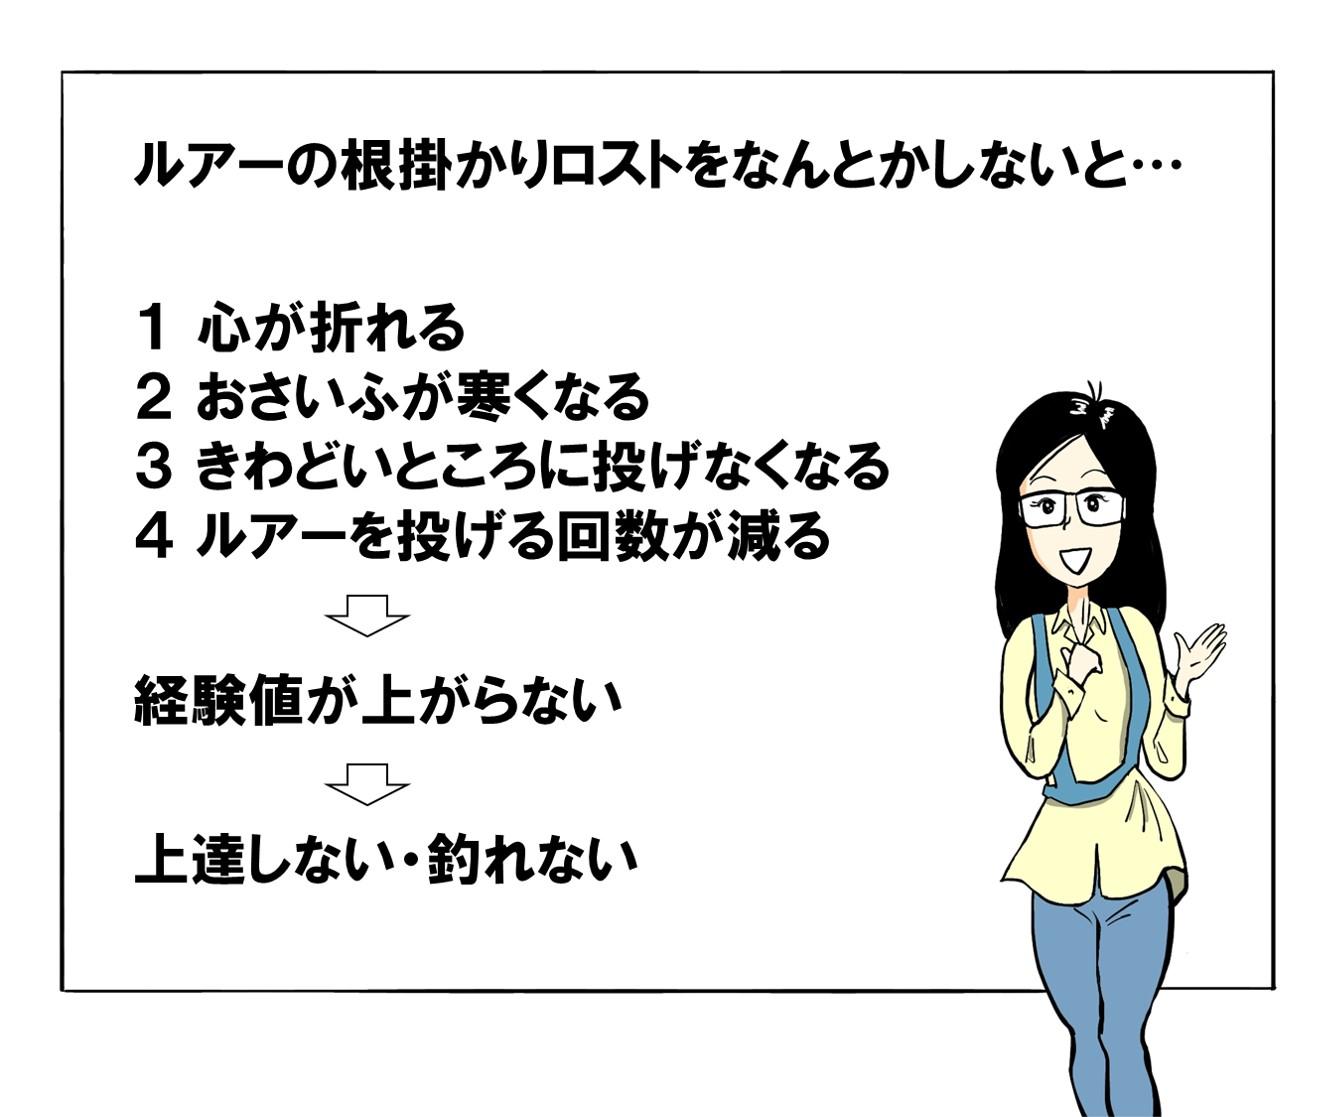 根掛かりルアー救出回収方法解説01